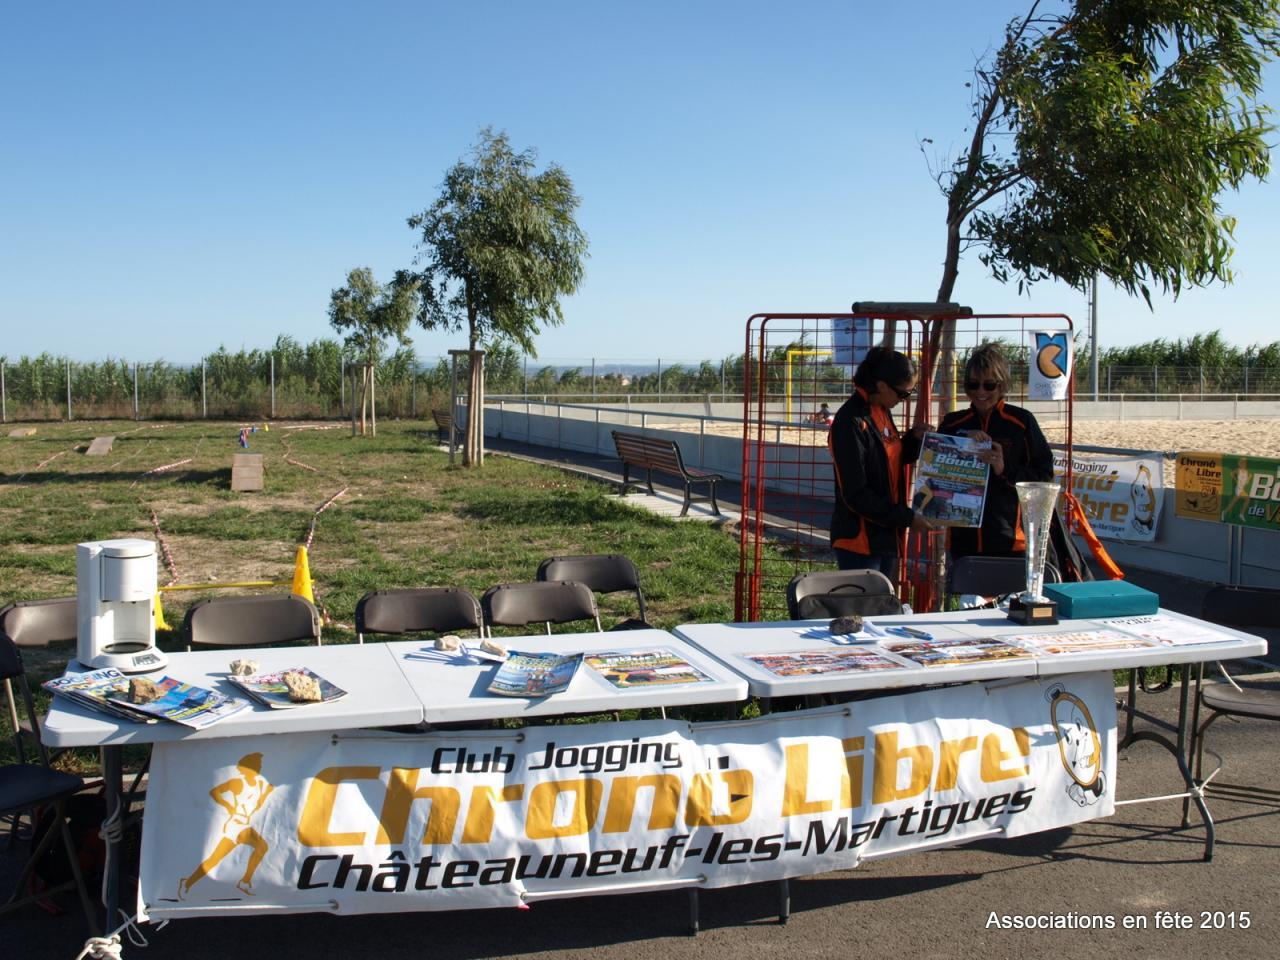 05092015 associations en fete chateauneuf CL (9)